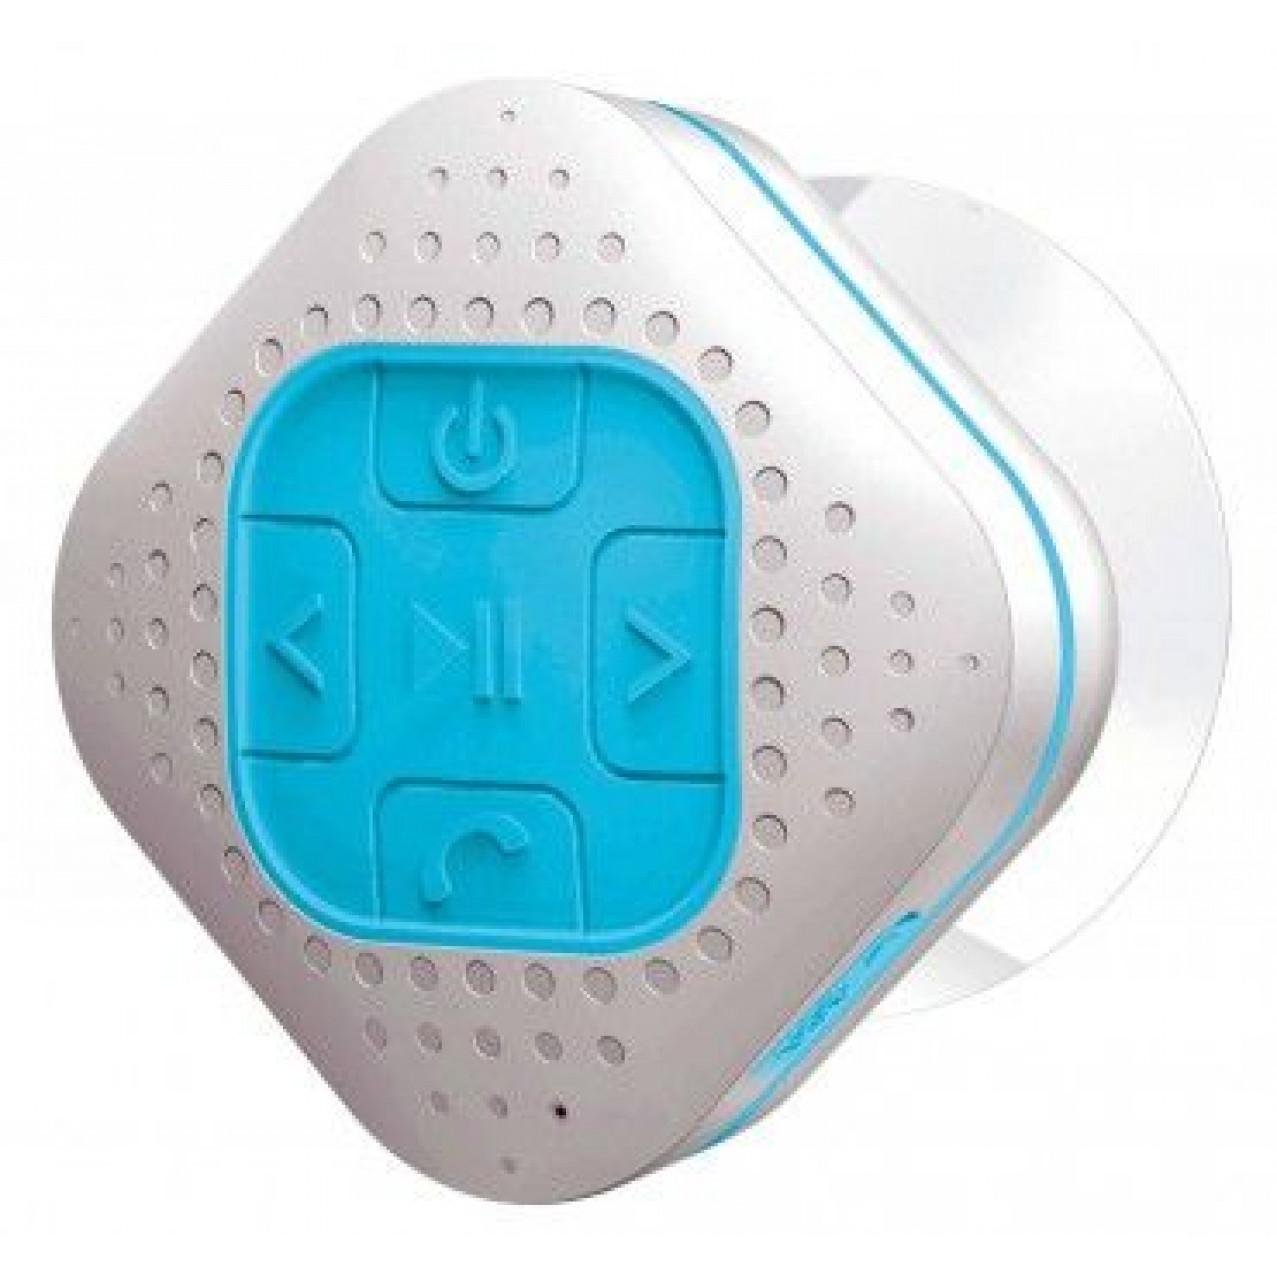 Bathroom Radio   Blue